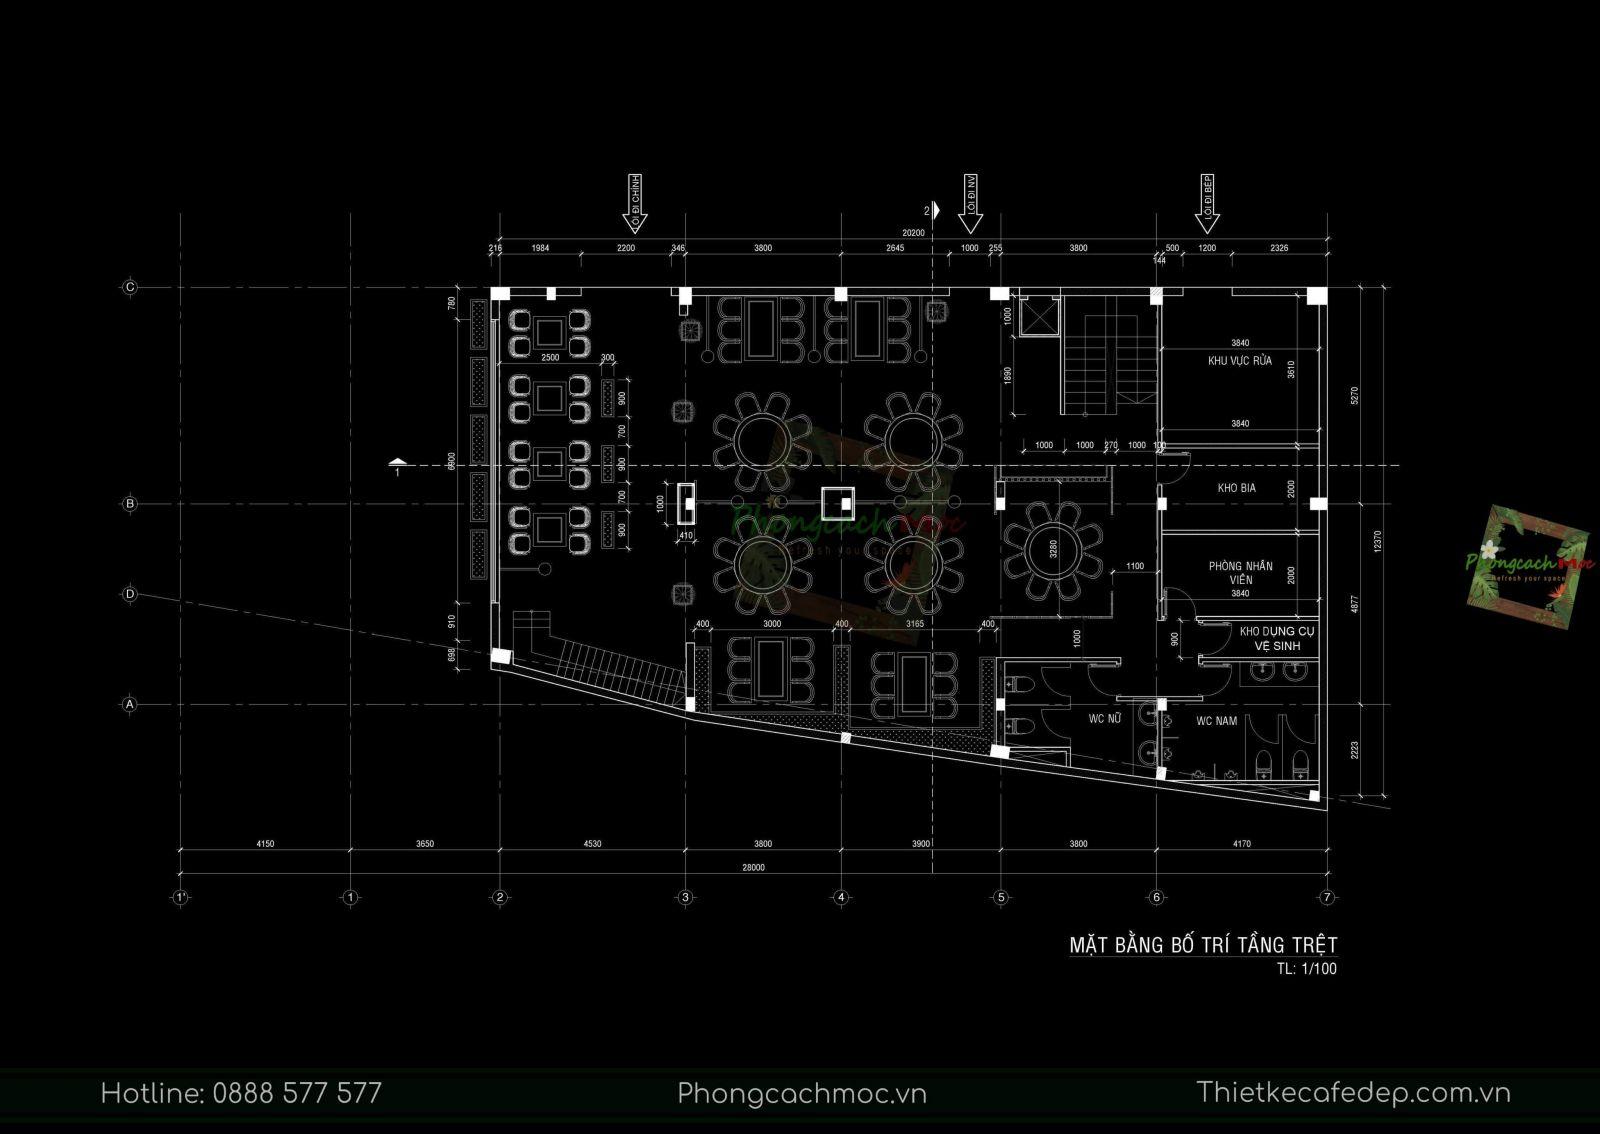 layout thiết kế nhà hàng trung hoa  tầng trệt